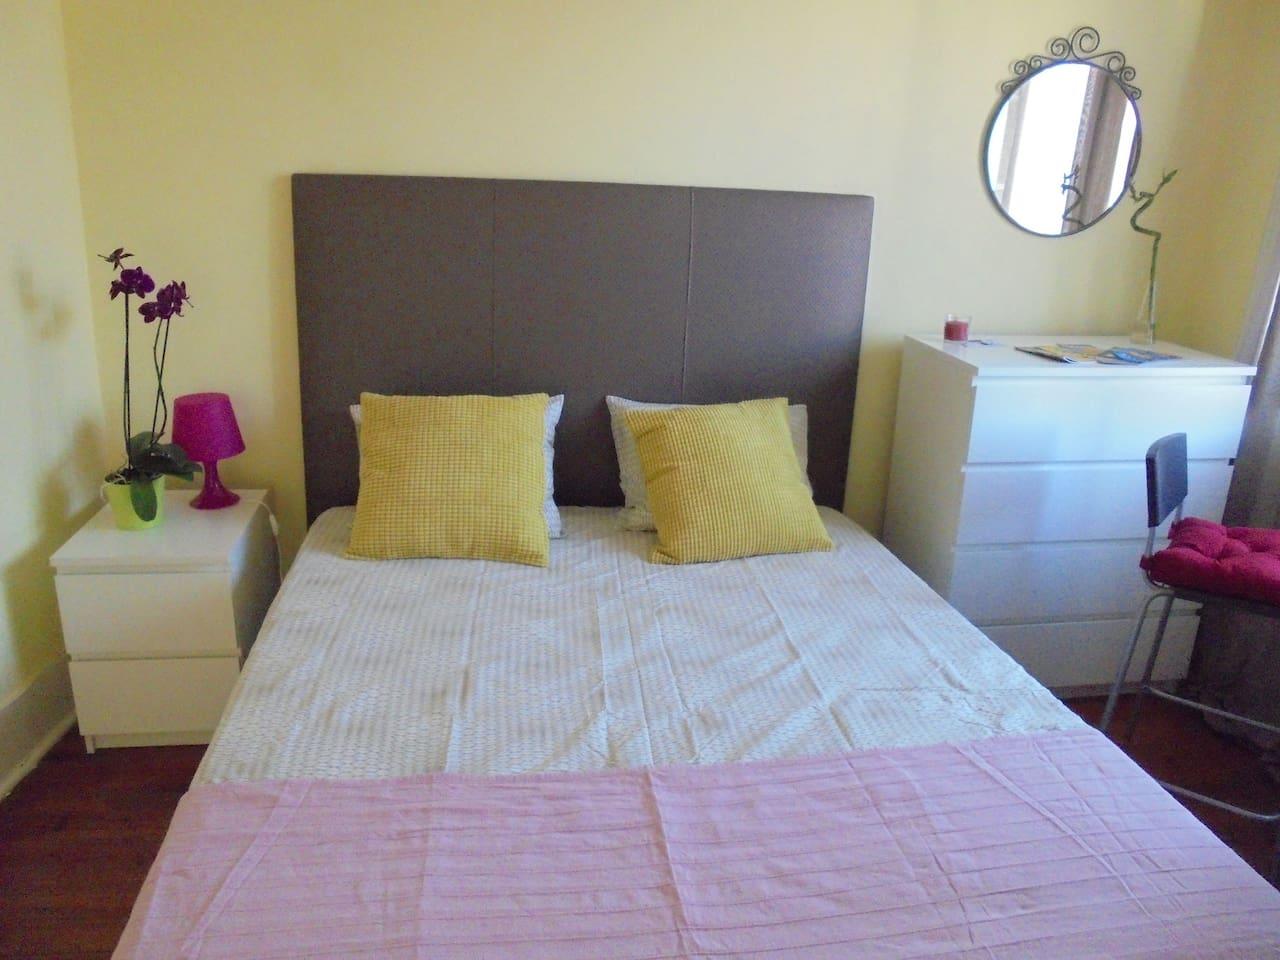 cama king size em quarto amplo